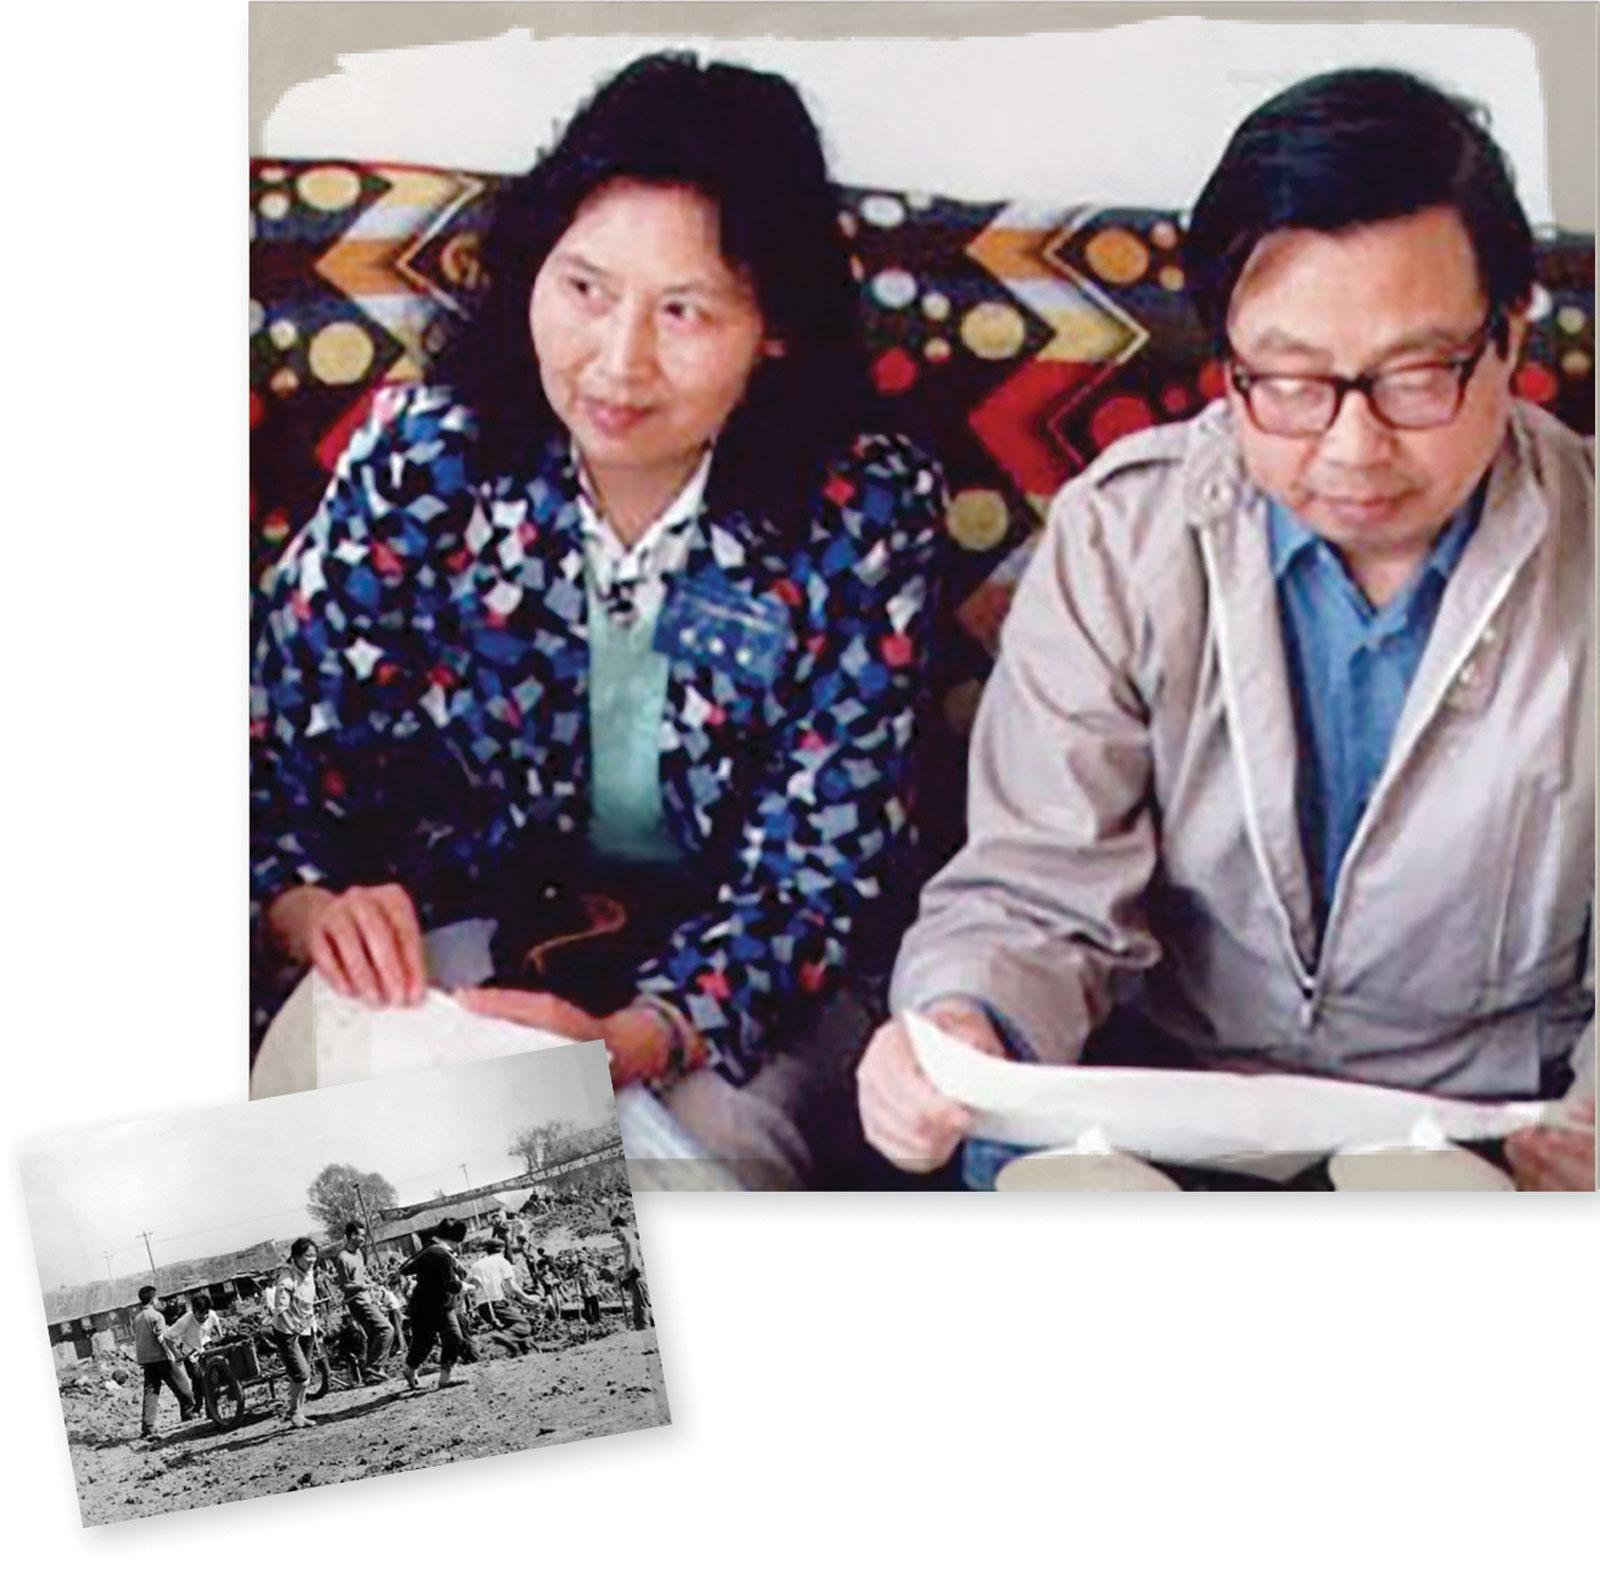 <b> 1970s </b> <br> Estudiantes de la USTC que trabajan en Hefei (foto en blanco y negro) durante la Revolución Cultural. <br> <br> Fang y su compañera física, Li Shuxian.